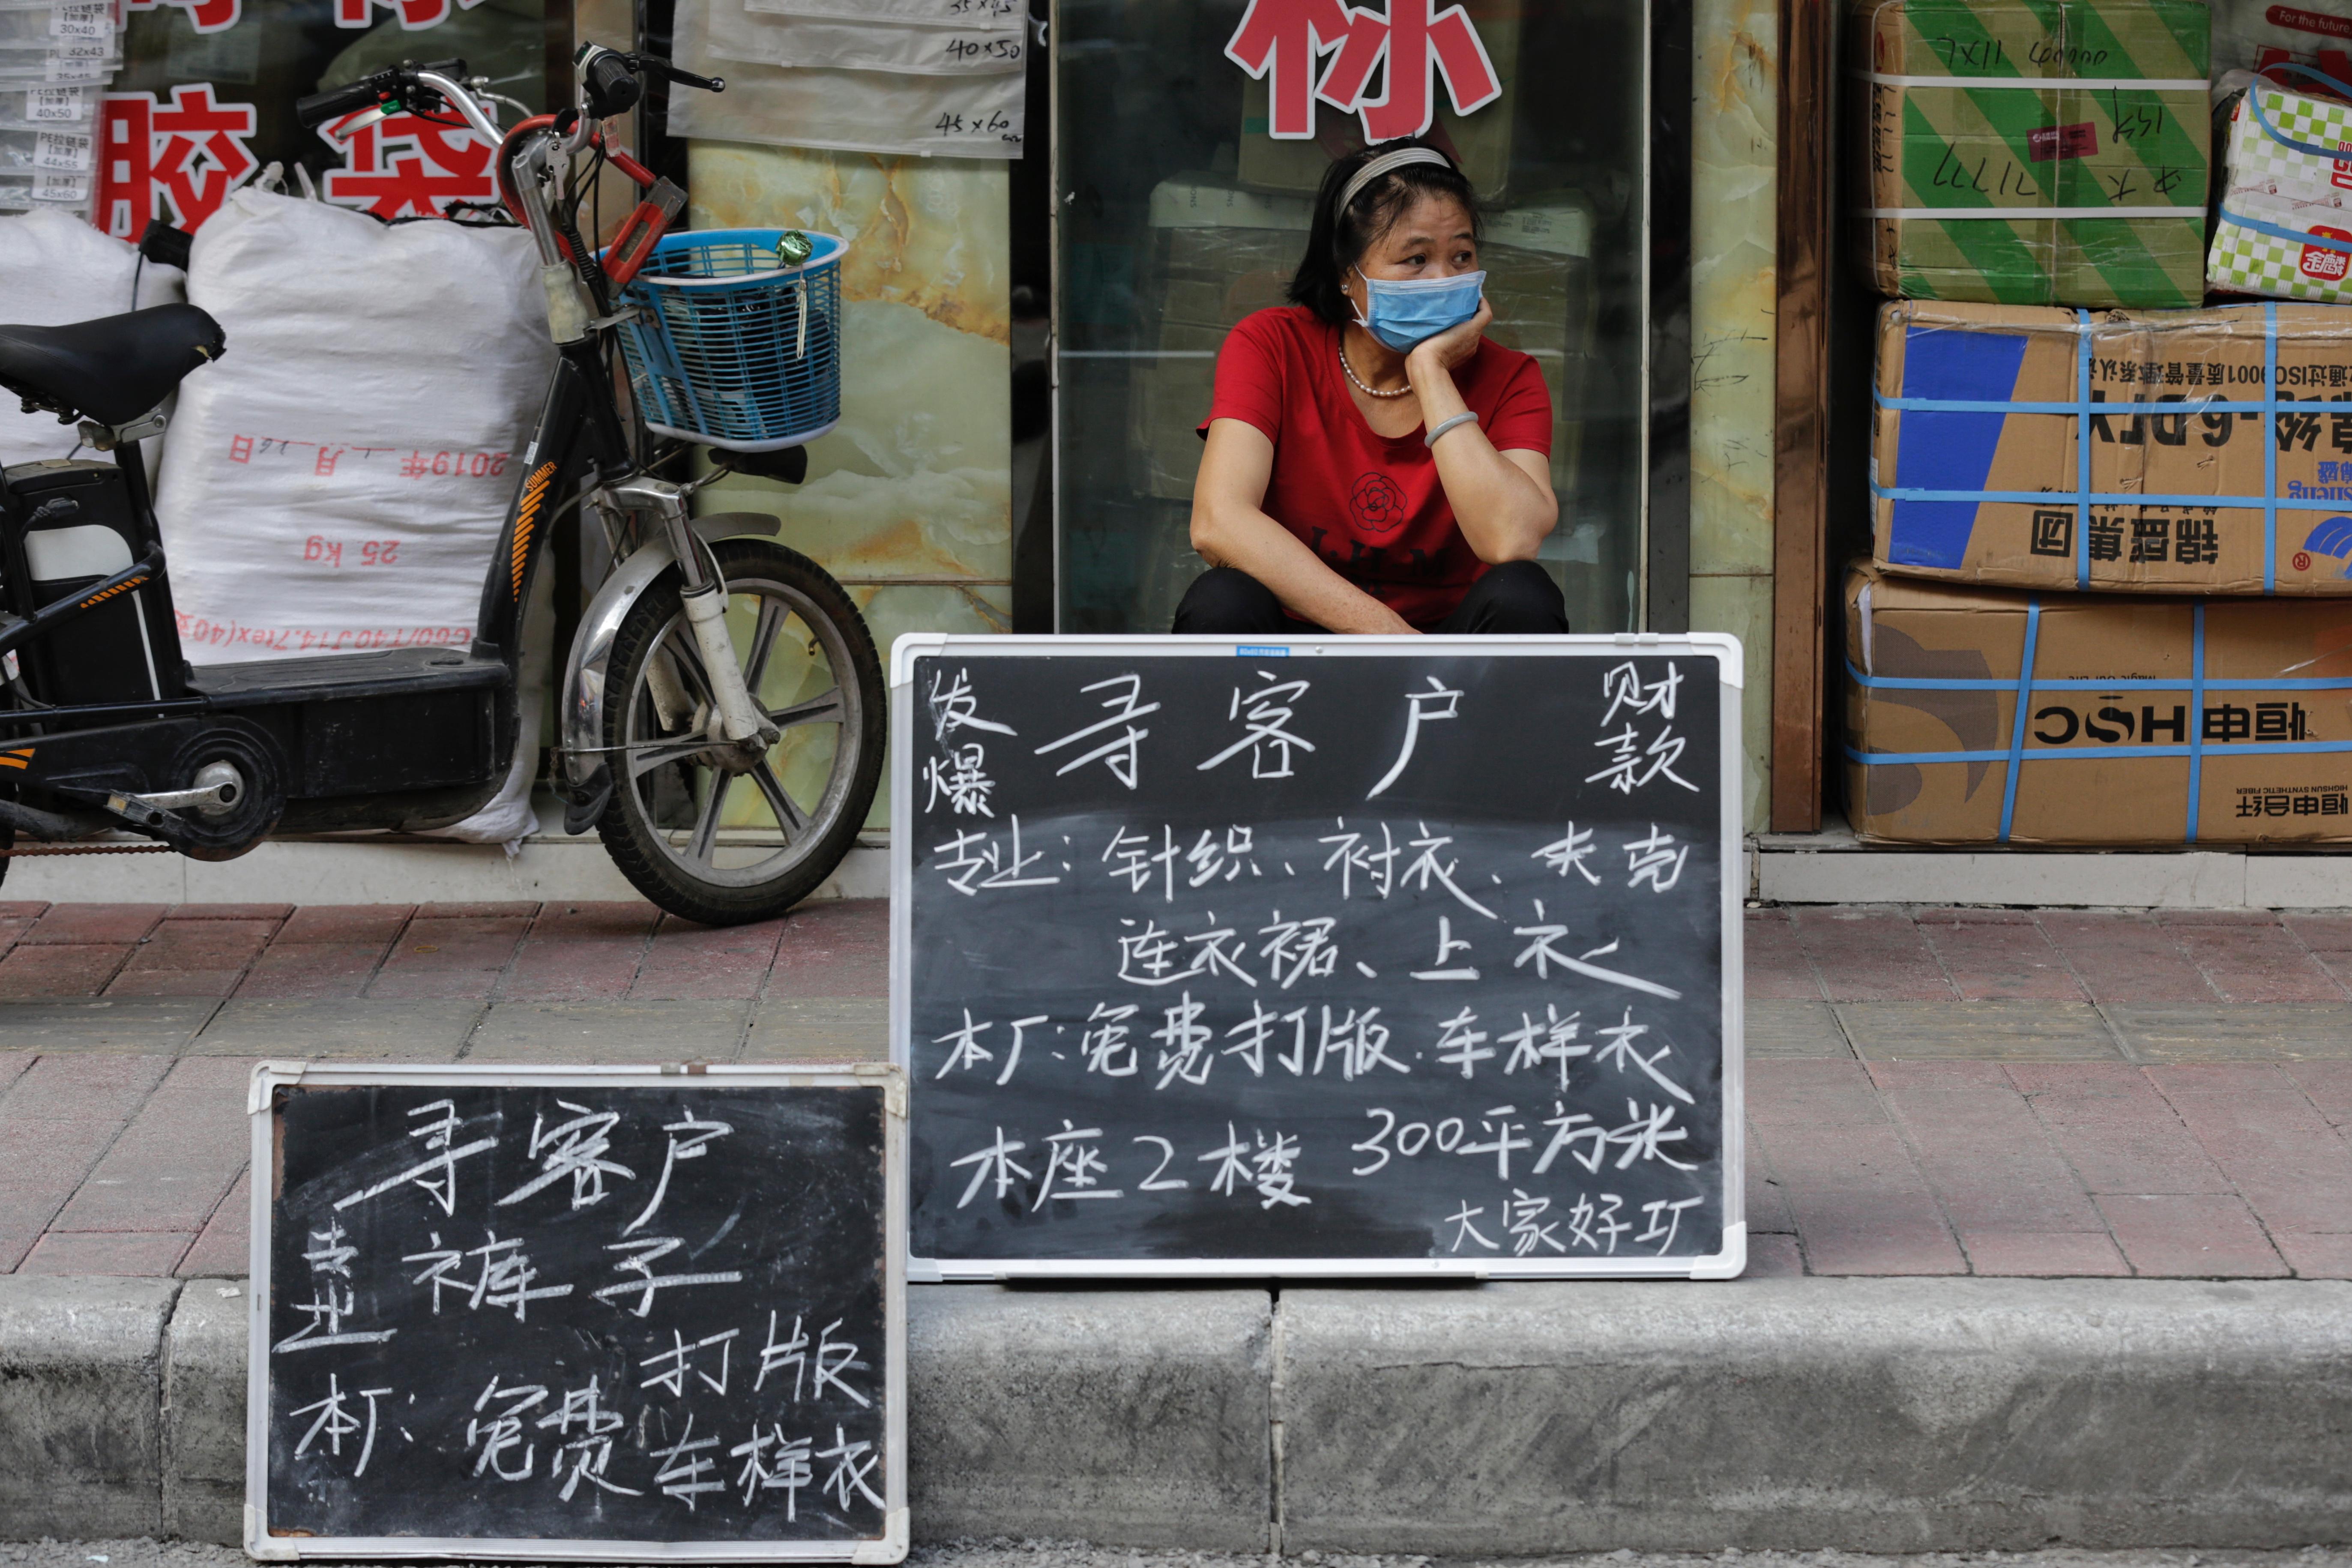 """广州迎最贵城中村改造,排长龙招工的""""湖北制衣村""""何去何从"""